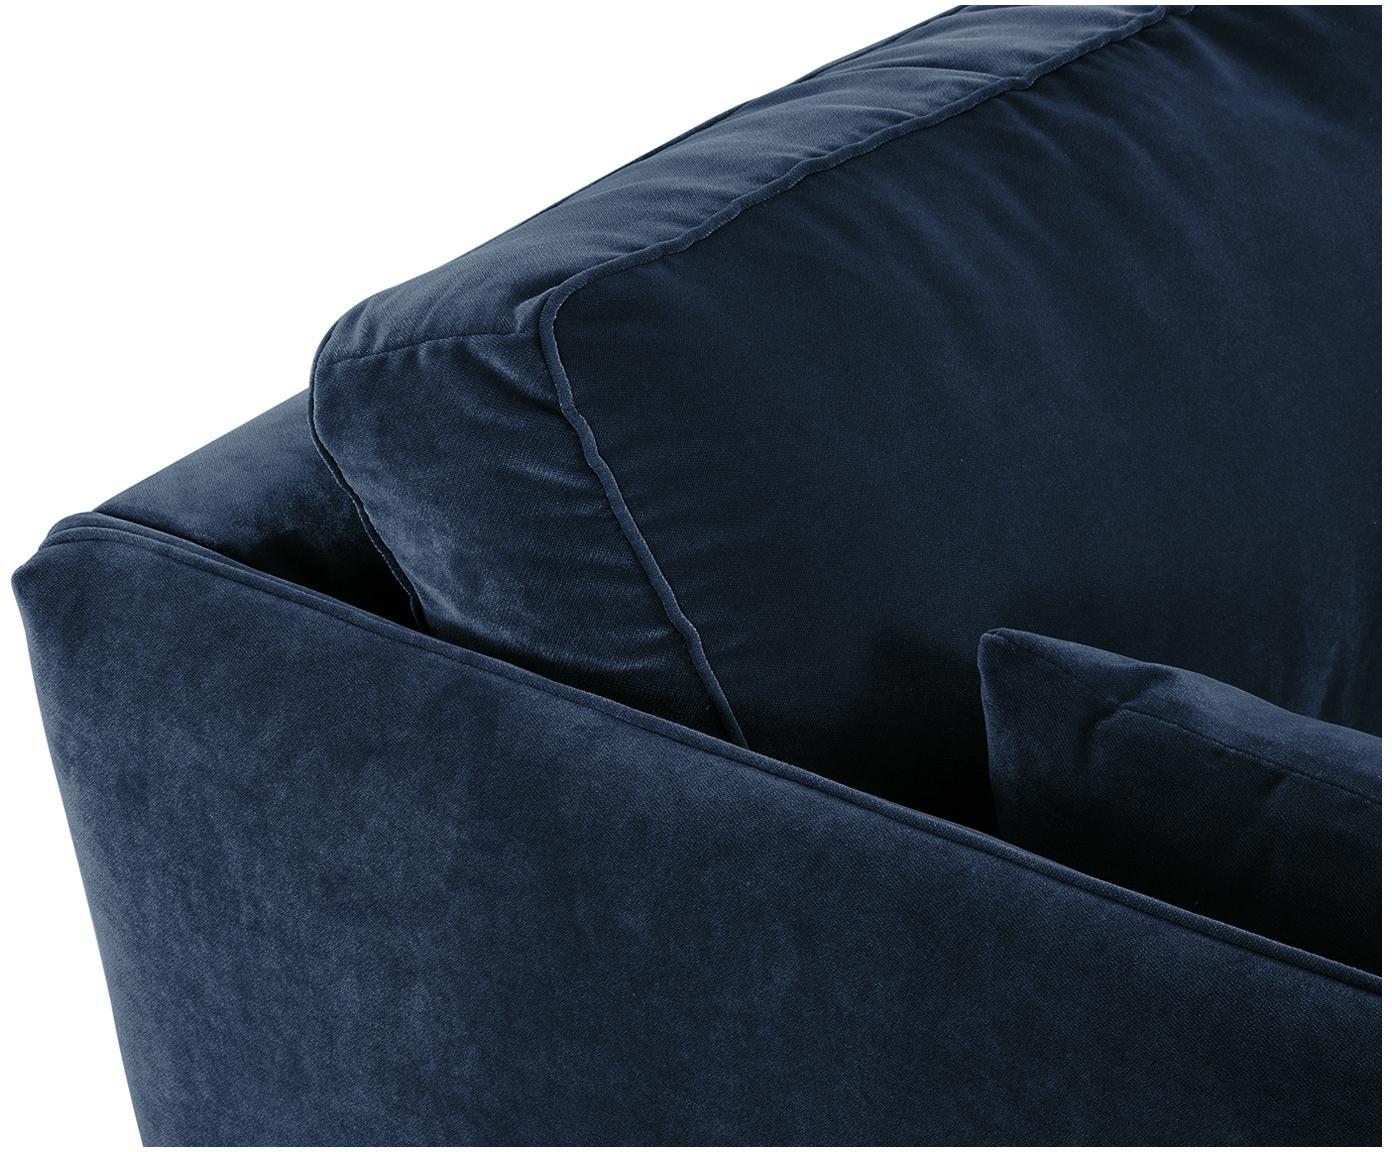 Sofa z aksamitu Paola (3-osobowa), Tapicerka: aksamit (poliester) 7000, Stelaż: masywne drewno świerkowe,, Nogi: drewno świerkowe, lakiero, Niebieski, S 209 x G 95 cm